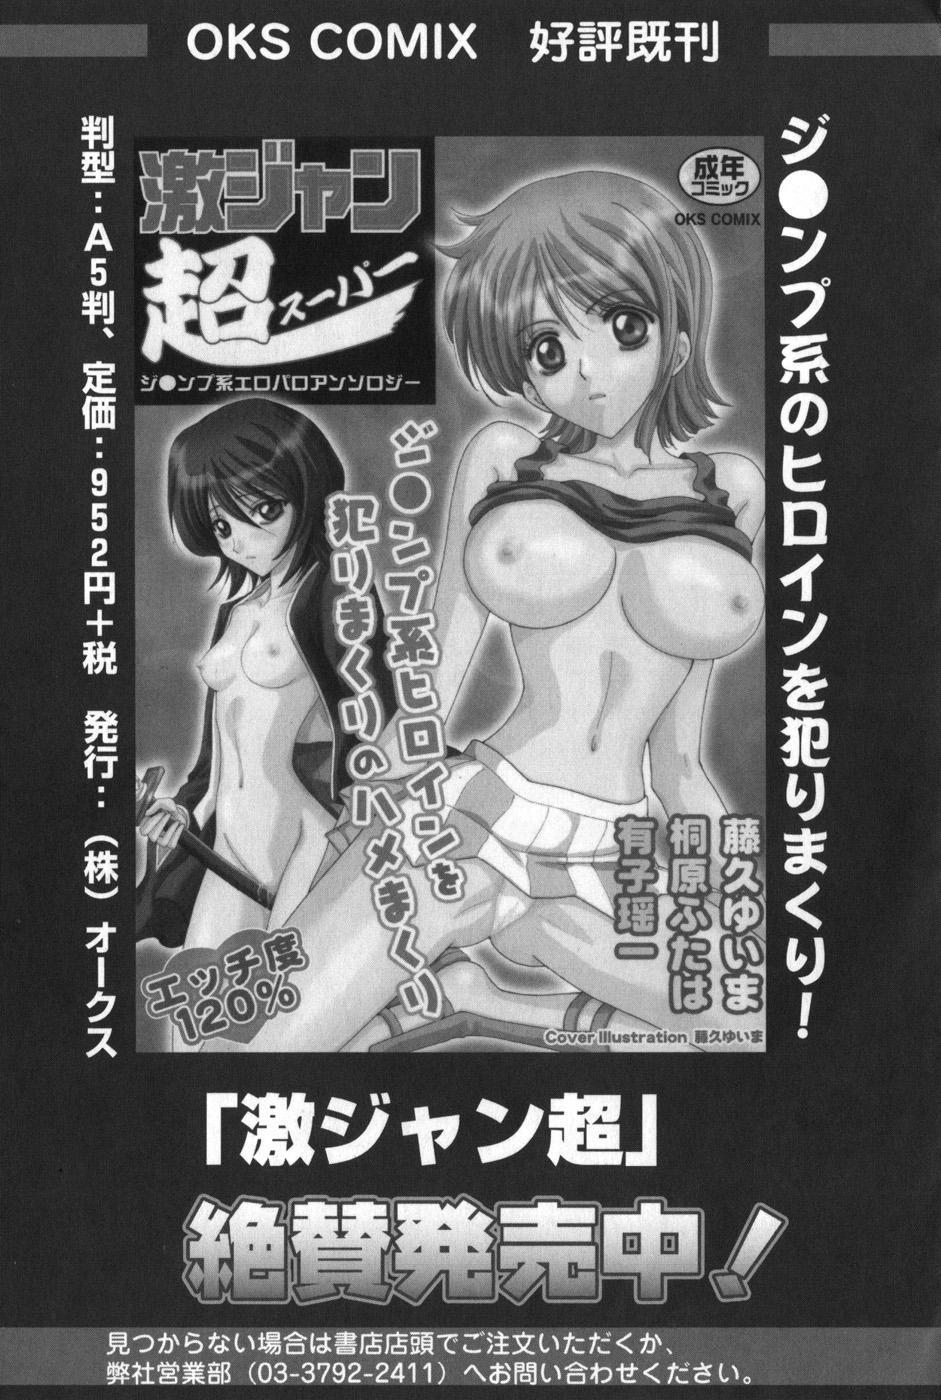 HiguERO no naku koro ni 151